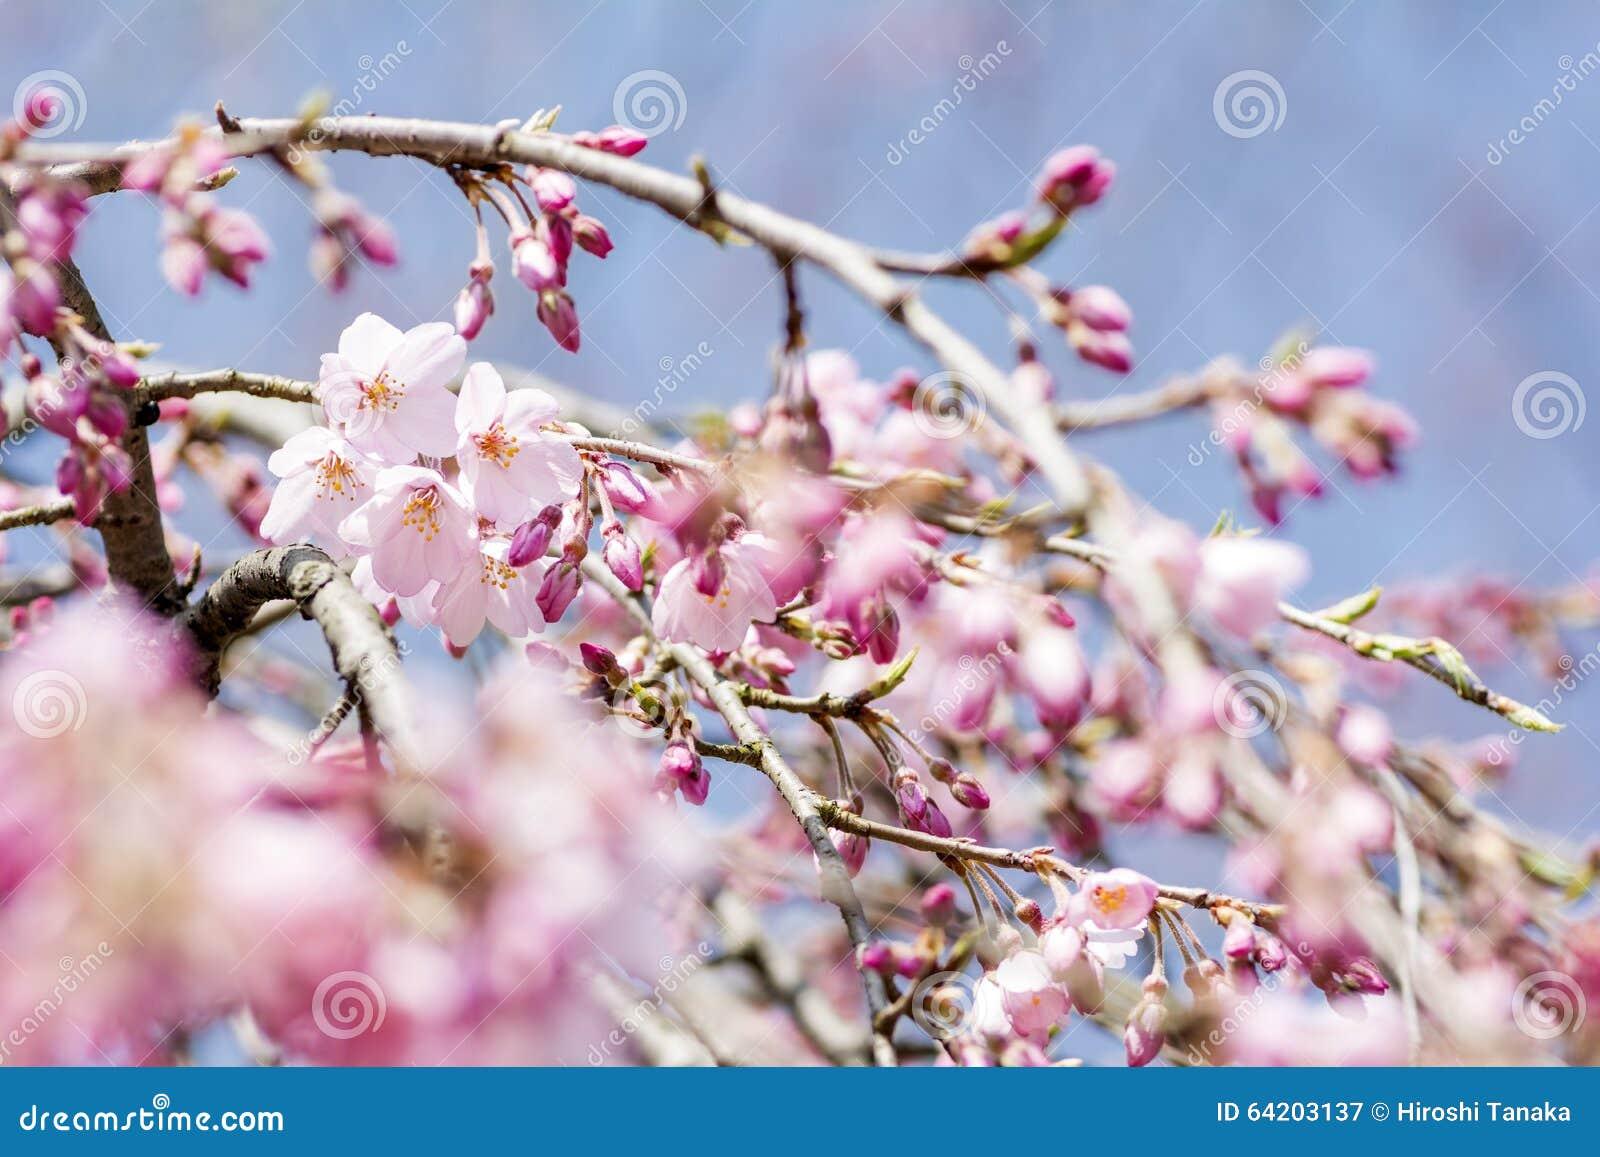 Flores de cerezo y brotes